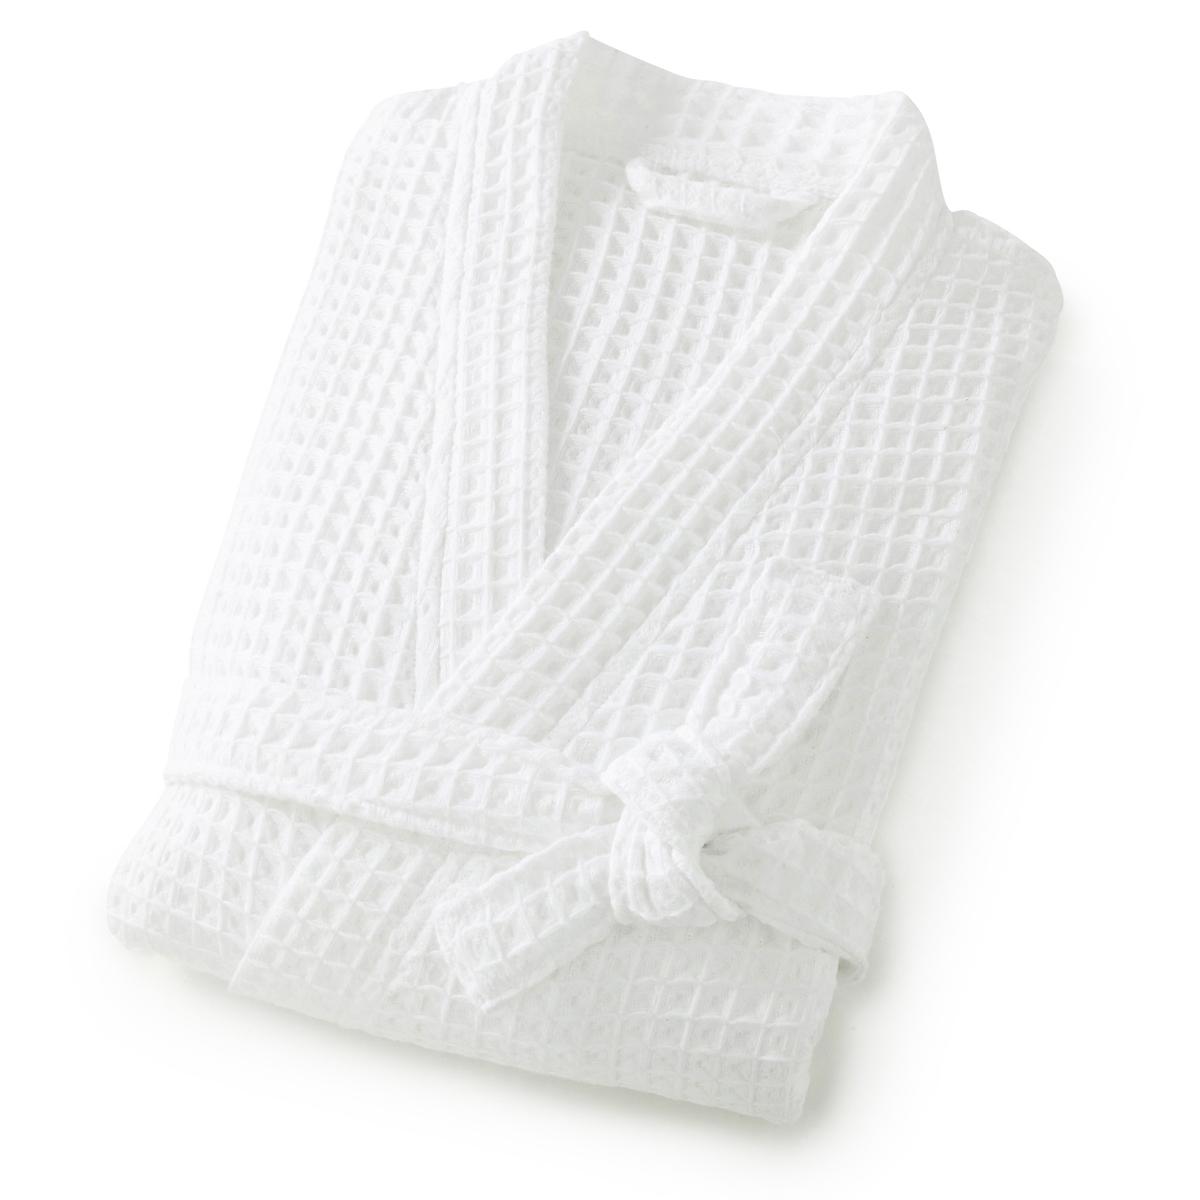 Халат с воротником-кимоно из вафельной ткани SC?NARIOОписание:Плотное переплетение нитей для 3D-эффекта, необычайно мягкий на ощупь халат из вафельной ткани очень актуальных расцветок. Сделано в Португалии.Характеристики банного халата из вафельной ткани Sc?nario :Вафельная ткань : 100% хлопок, 300 г/м2 : нежная и легкая, высокая впитывающая способность, быстрая сушка.Воротник-кимоно .Длина : 115 см..Машинная стирка при 60° и барабанная сушка.Размеры :38/40, 42/44, 46/48, 50/52Откройте для себя всю коллекцию из вафельной ткани Sc?nario на сайте laredoute.ruЗнак Oeko-Tex® гарантирует, что товары прошли проверку и были изготовлены без применения вредных для здоровья человека веществ.<br><br>Цвет: белый,желтый кукурузный,индиго,кирпичный